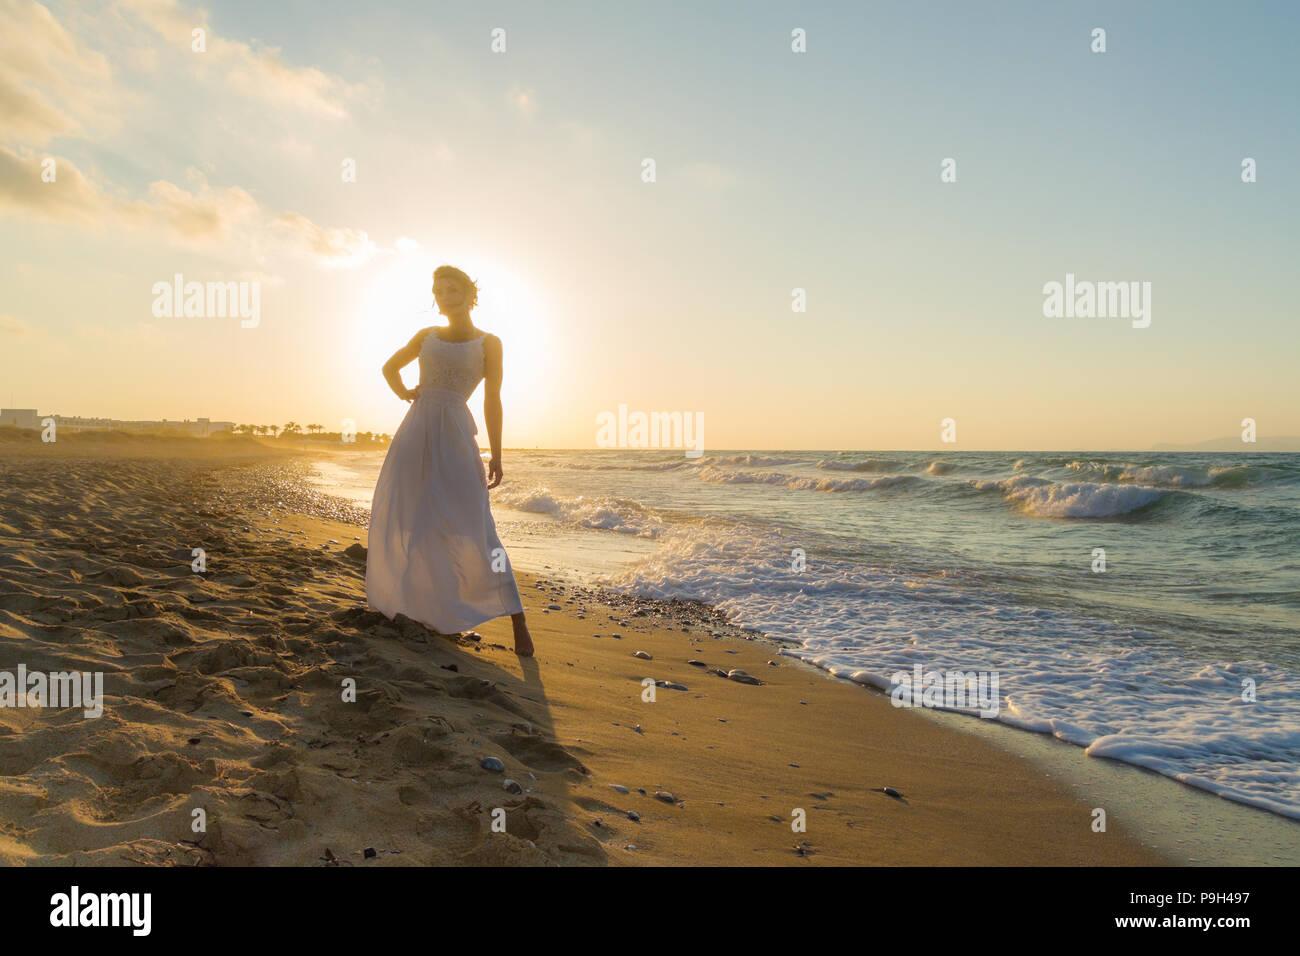 Donna in abito bianco, scalzi, sentirsi felice, vivo e libero in natura meditando a Sandy misty respirazione spiaggia fresca e pulita aria dell'oceano al tramonto. Vacanze estive il concetto di stile di vita Foto Stock